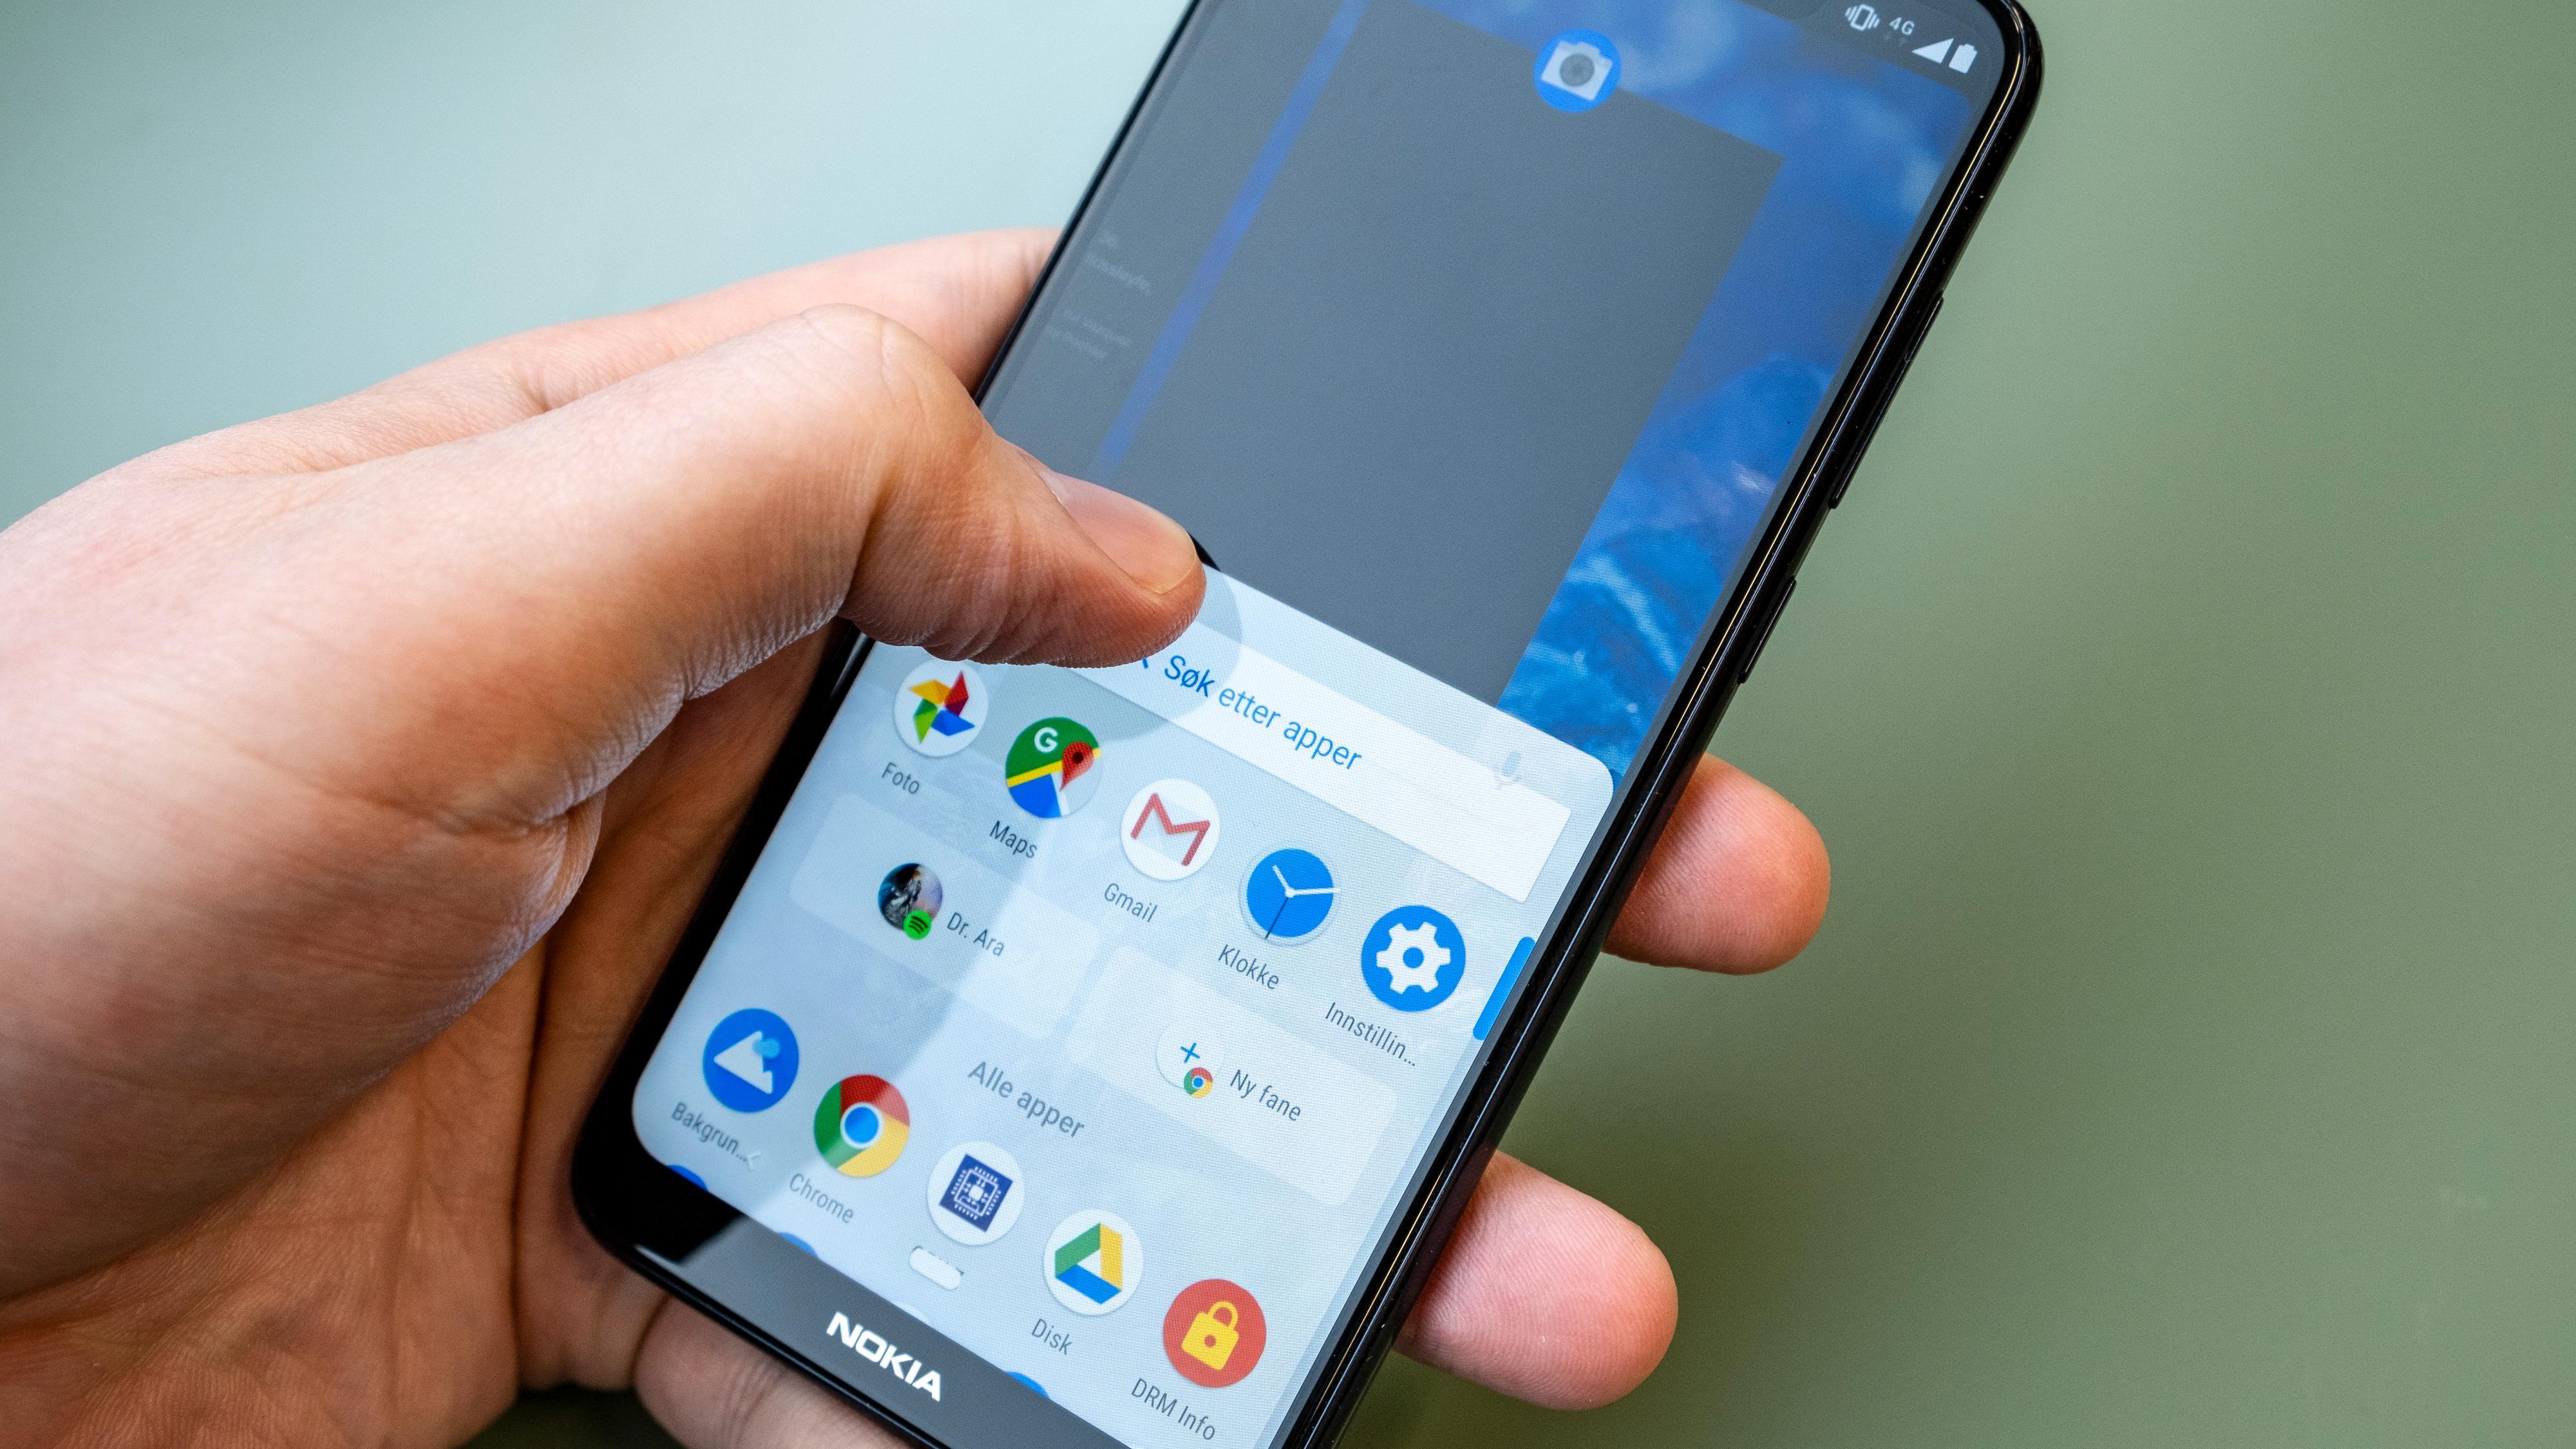 Nokia 5.1 Plus er stort sett rask og god å bruke. Som en av de rimeligere i Nokias utvalg er det nå snart bare gode mobilvalg igjen som bærer Nokia-logoen.